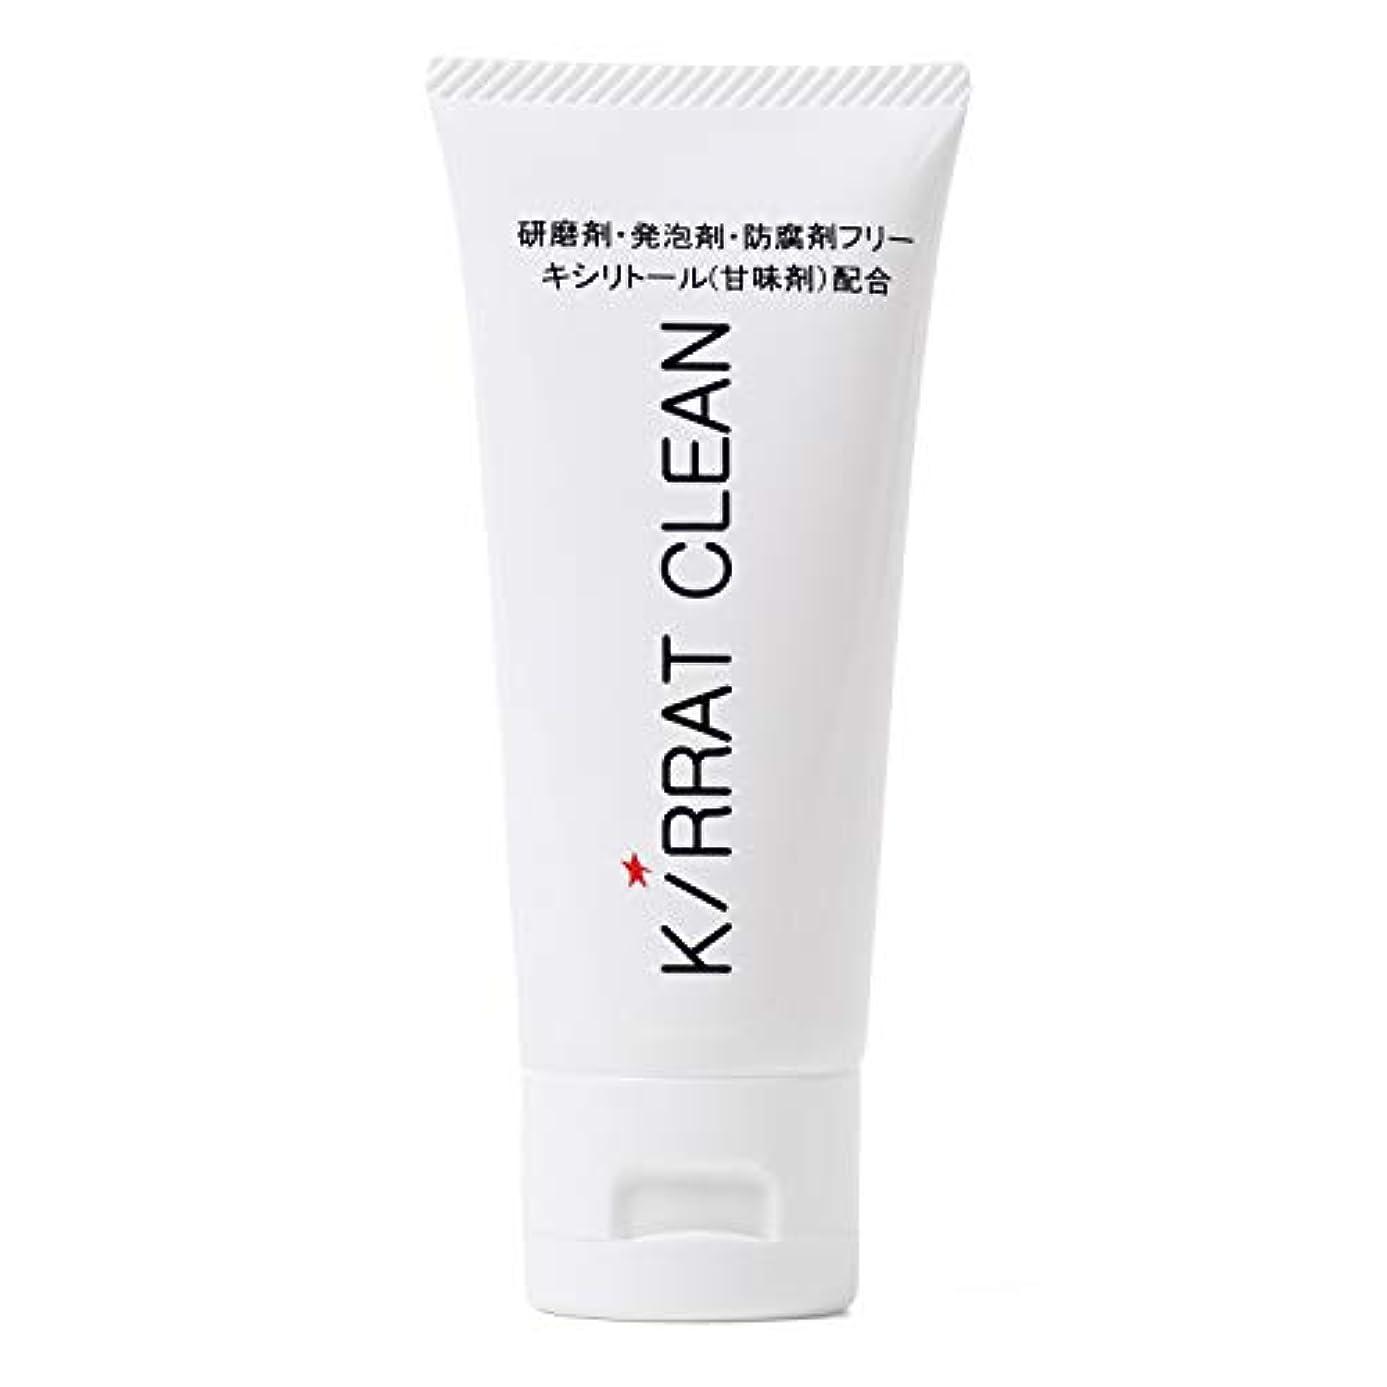 十分な準拠ルールYUZO 歯磨き粉 キラットクリーン 60g 研磨剤 発泡剤 防腐剤フリー